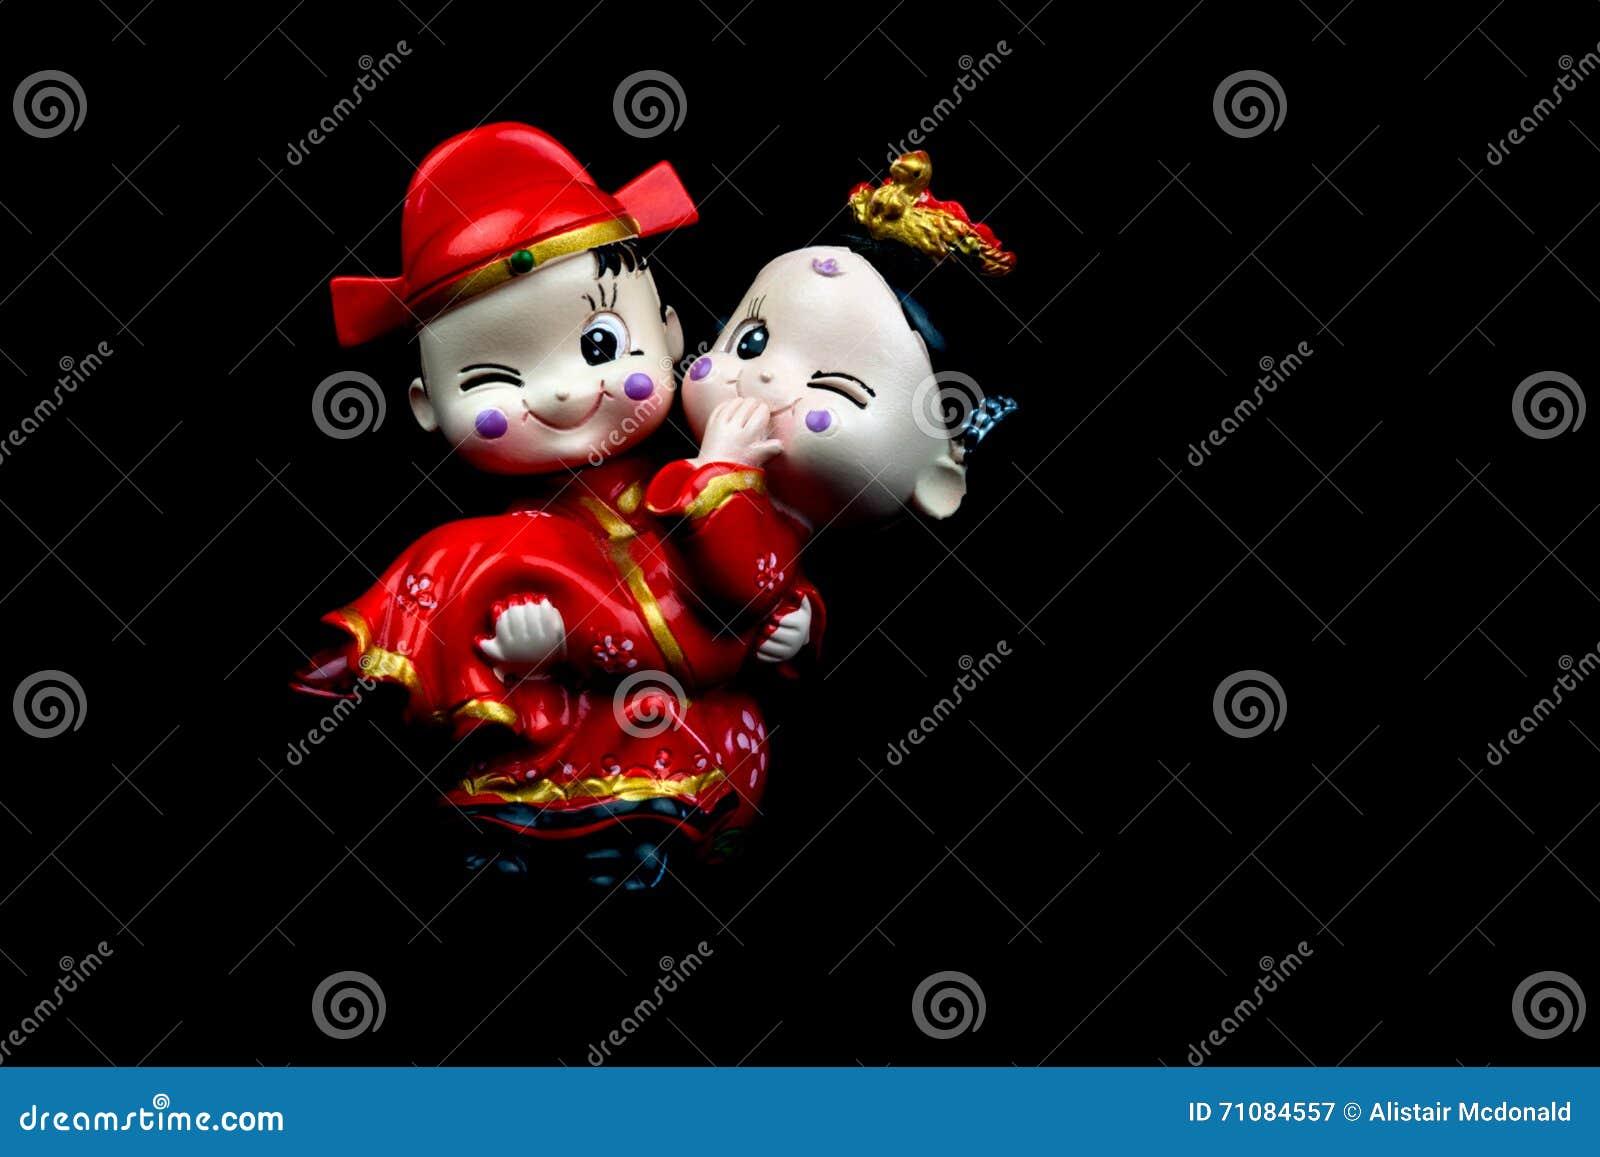 Κινεζικά γαμήλια ειδώλια στο μαύρο υπόβαθρο